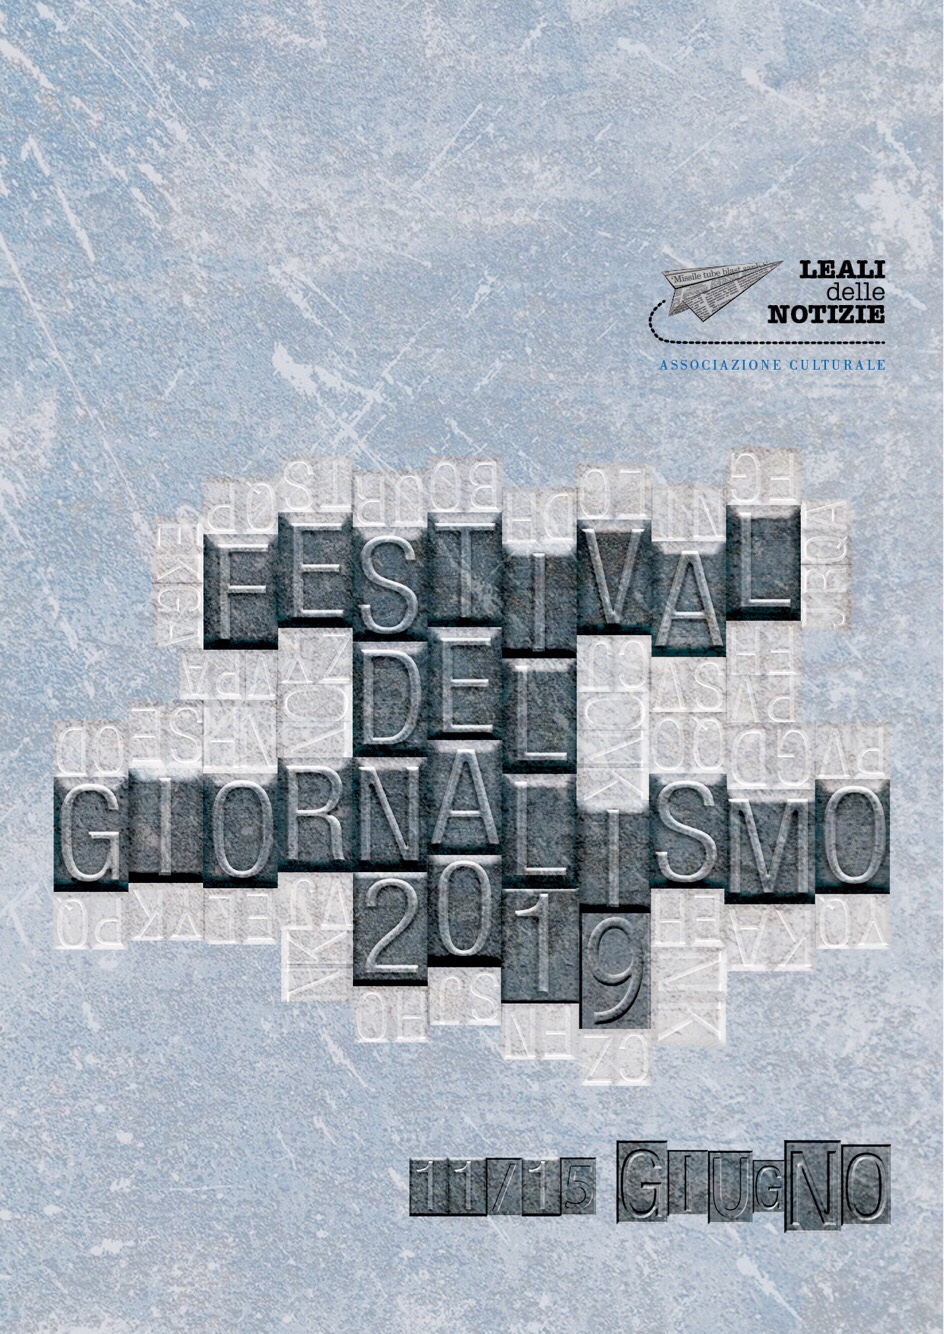 Festival Giornalismo 2019 (Ronchi dei Legionari)